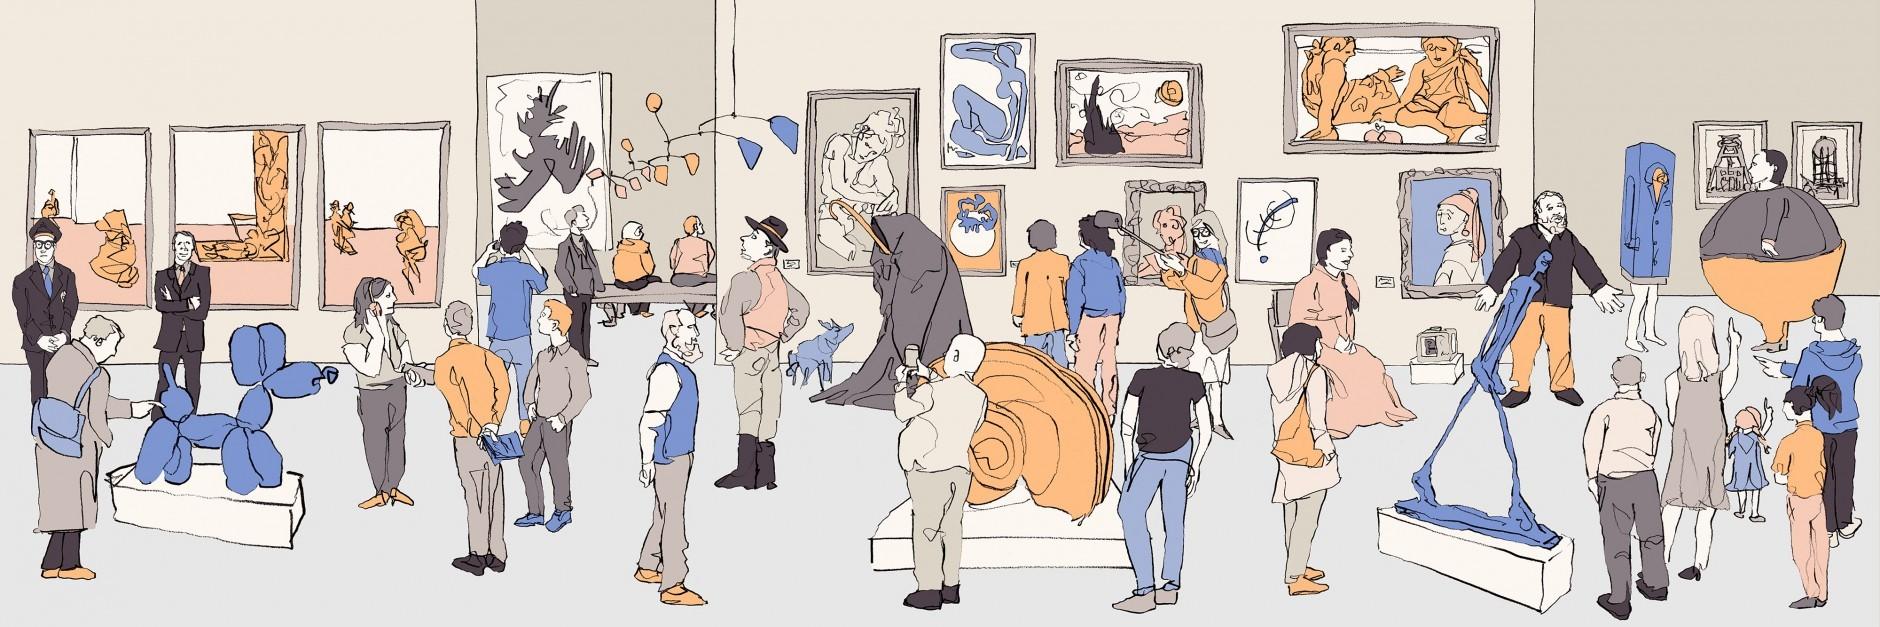 04-philipp-zurmoehle-at-the-museum-001